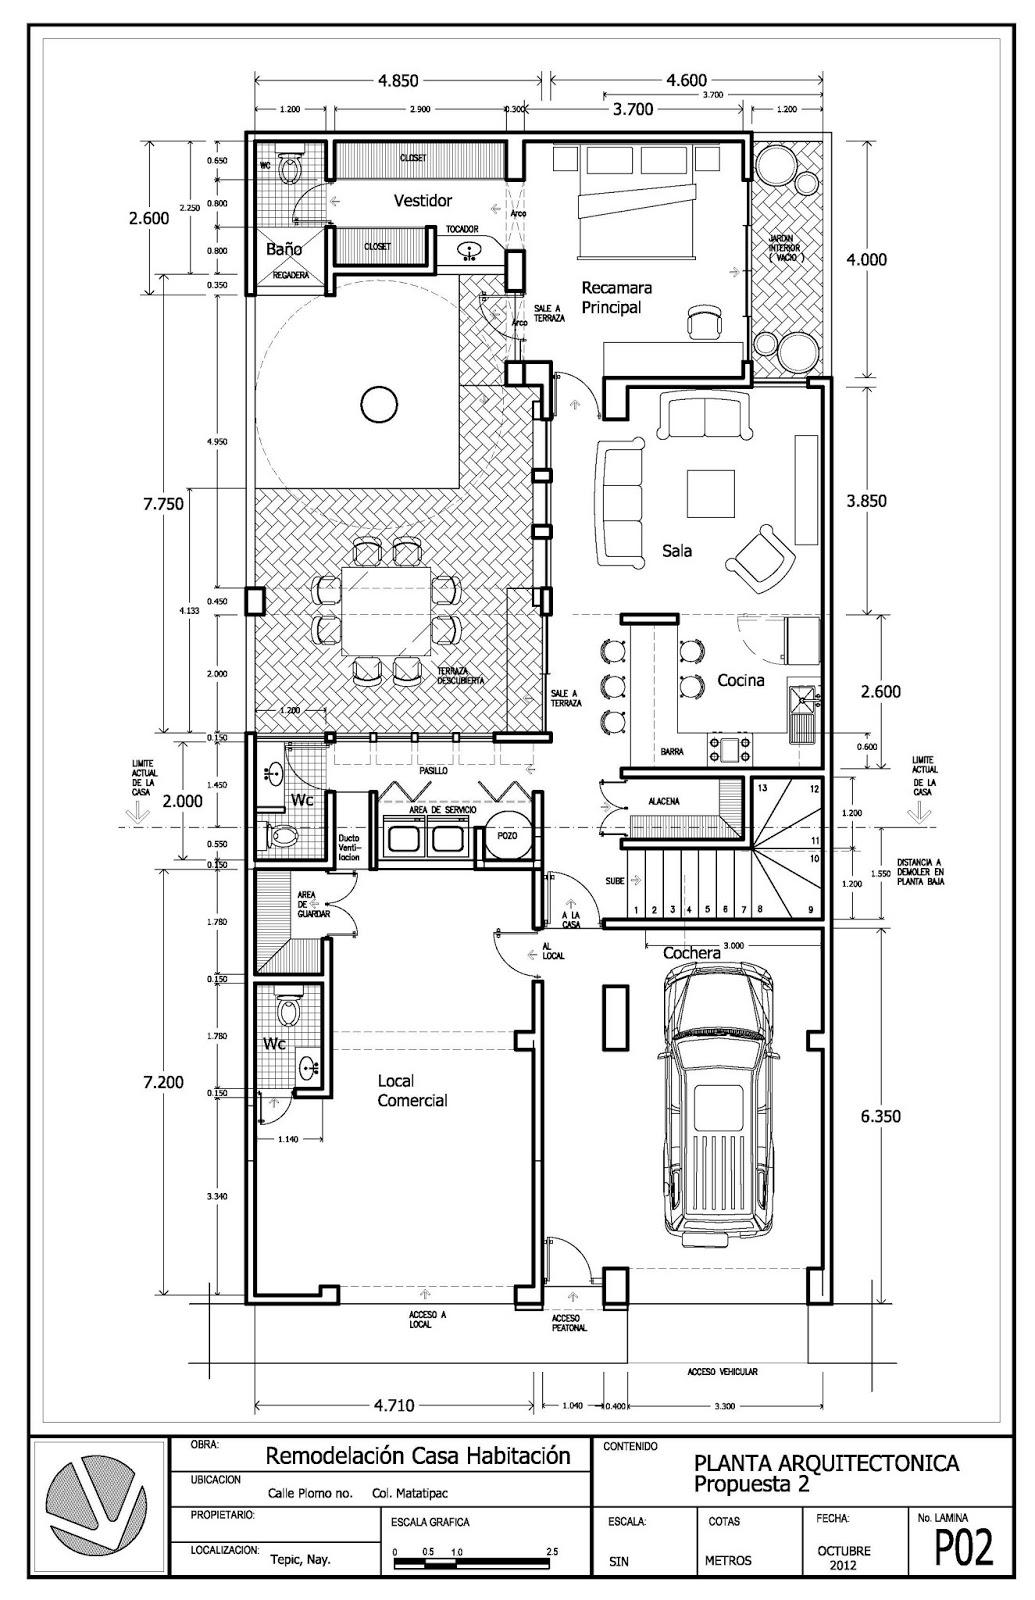 La casa remodala construccion e ingeneria remodelaci n for Planta arquitectonica de una oficina